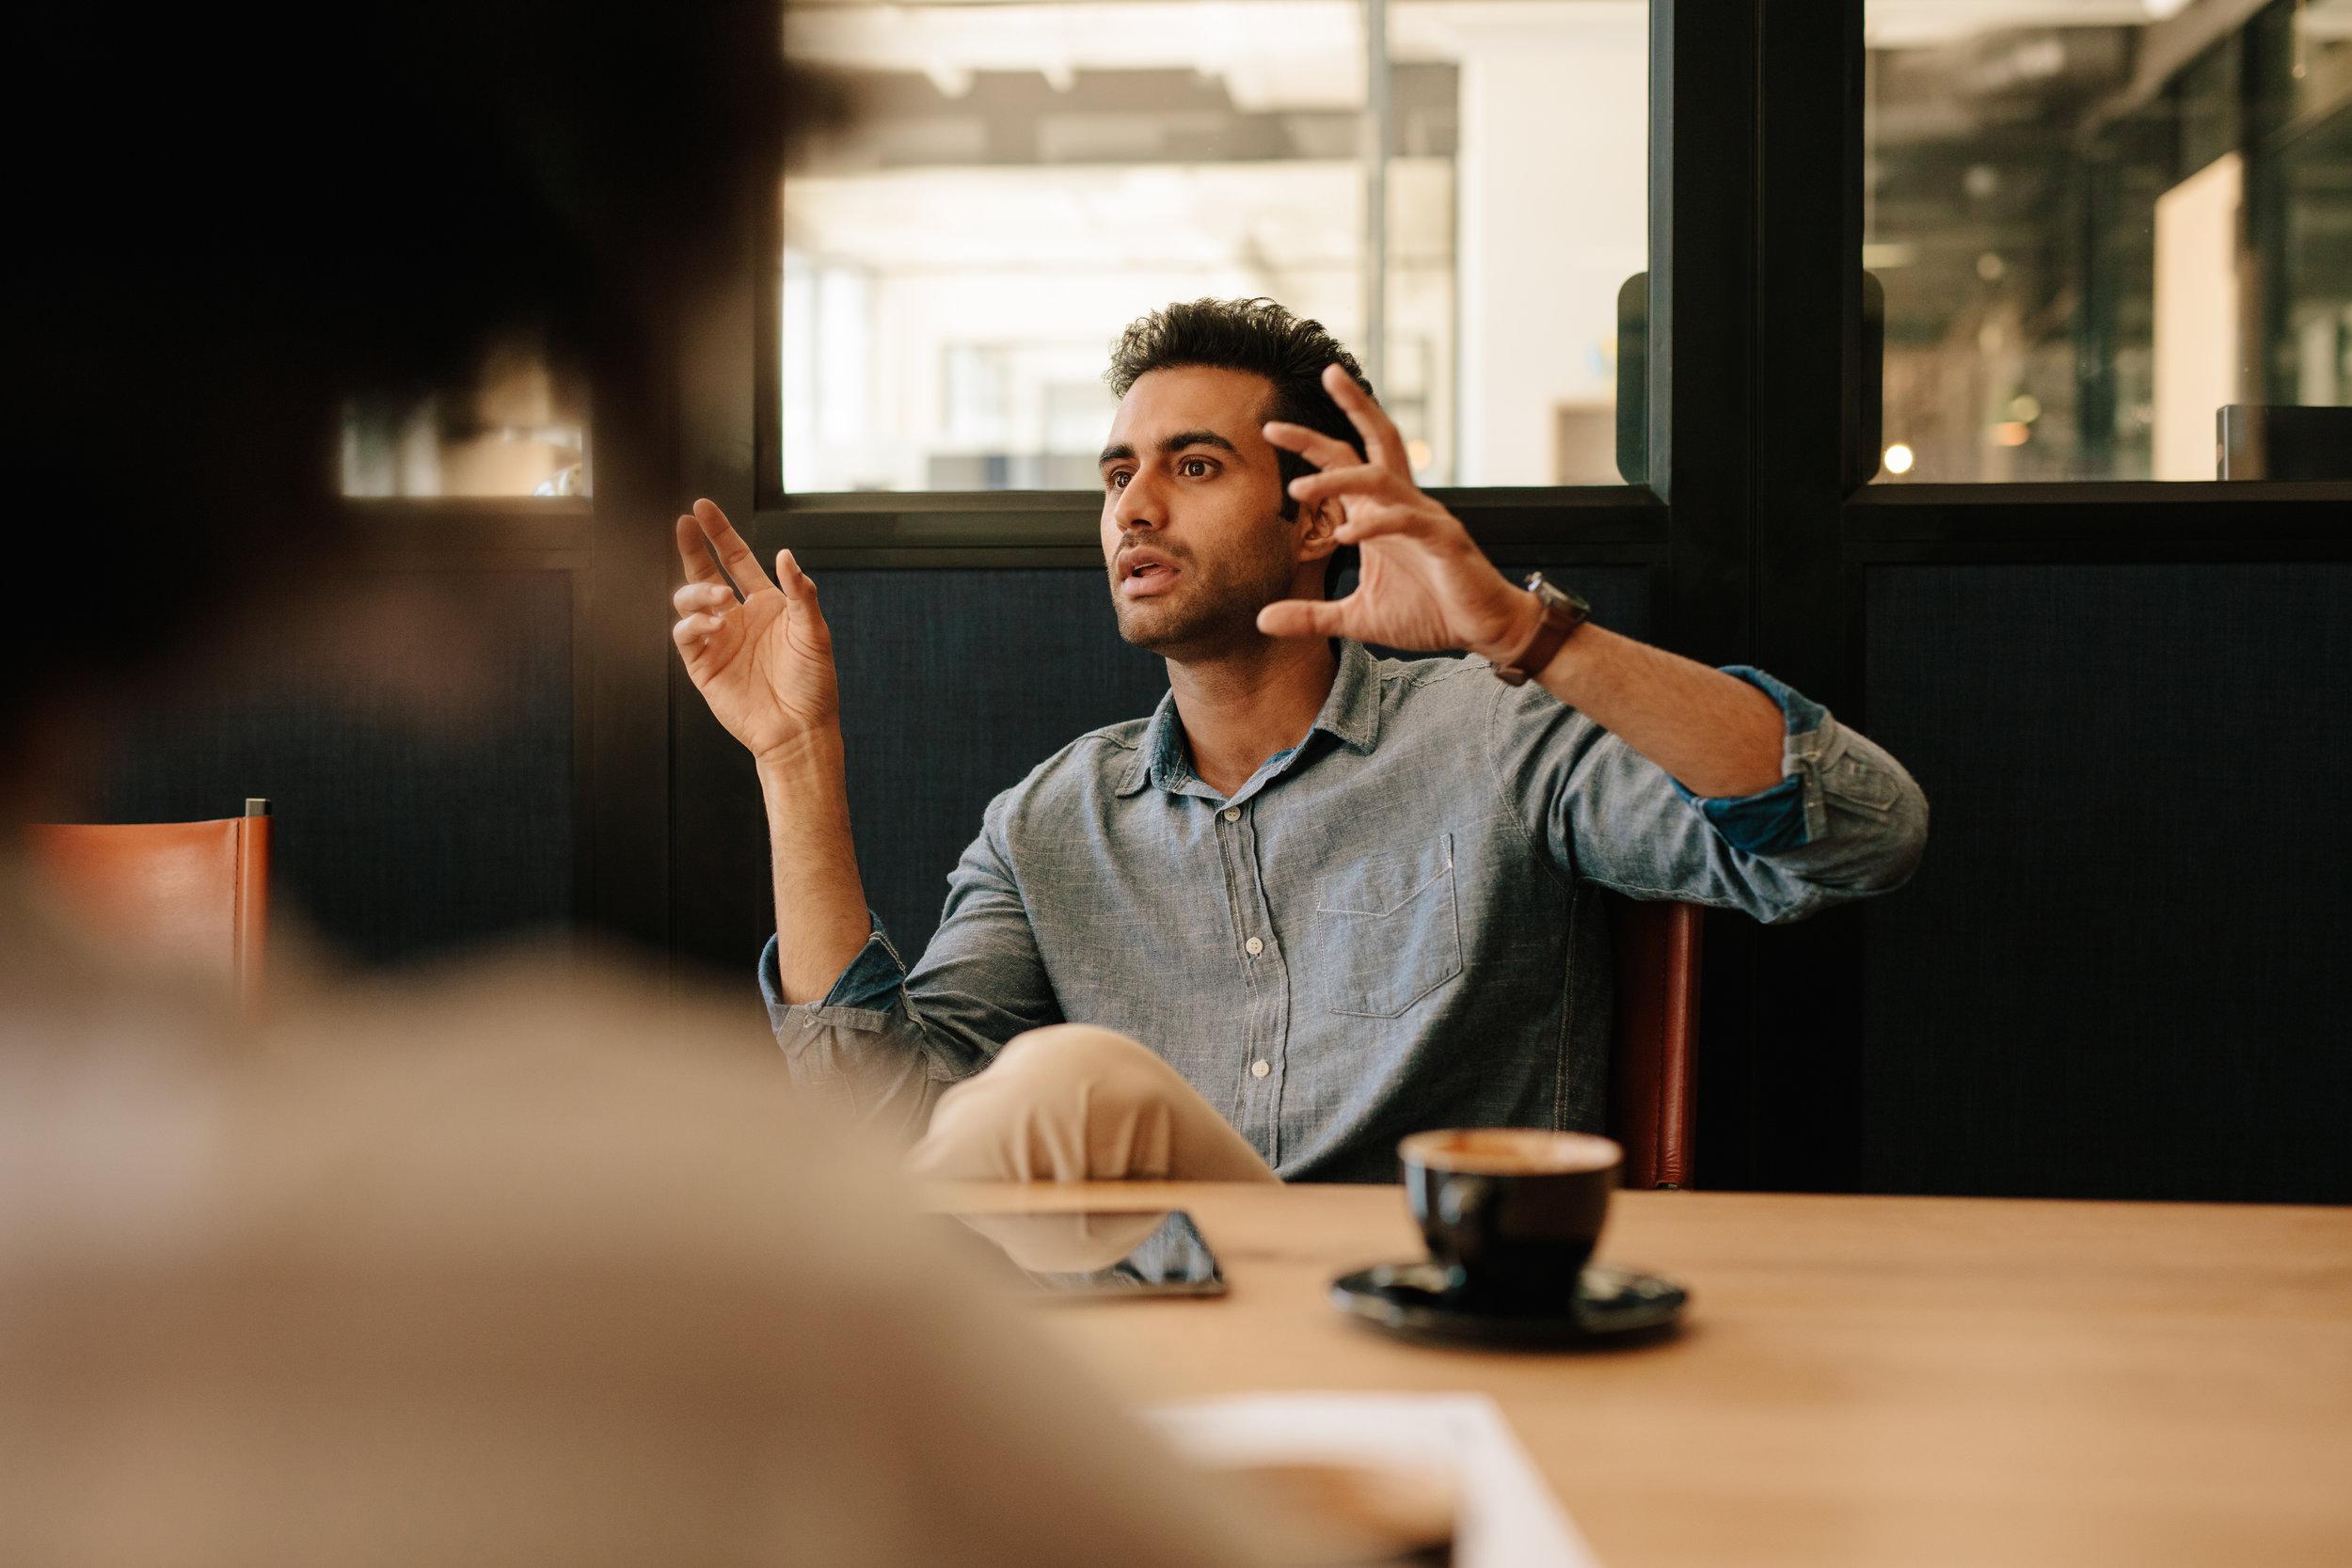 Für Eigentümer - Sie wollen Ihren Mietern eine innovative Arbeitswelt anbieten? Erfahren Sie hier warum Offezio für Sie interessant ist, um Ihre Fläche flexibel und attraktiv zu transformieren.